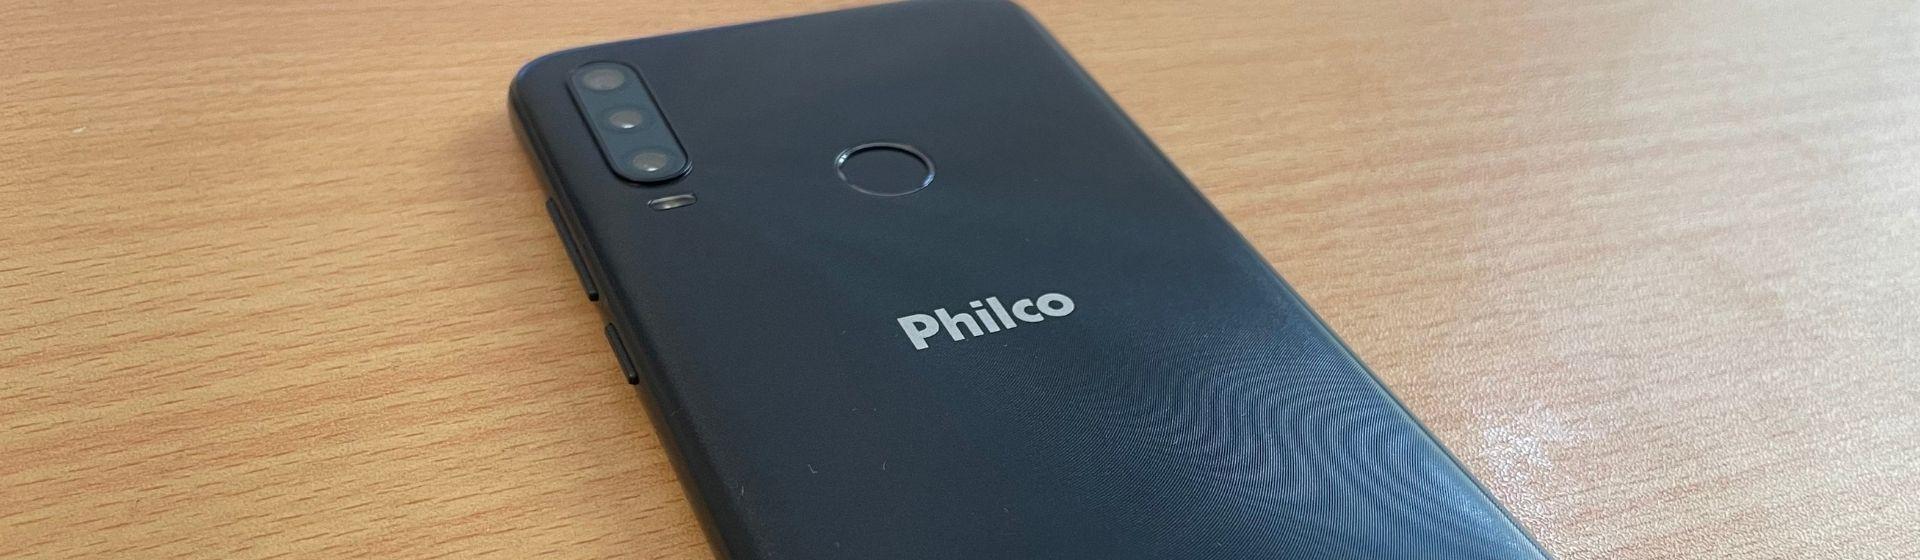 Philco Hit P10: veja a análise de ficha técnica do celular Philco